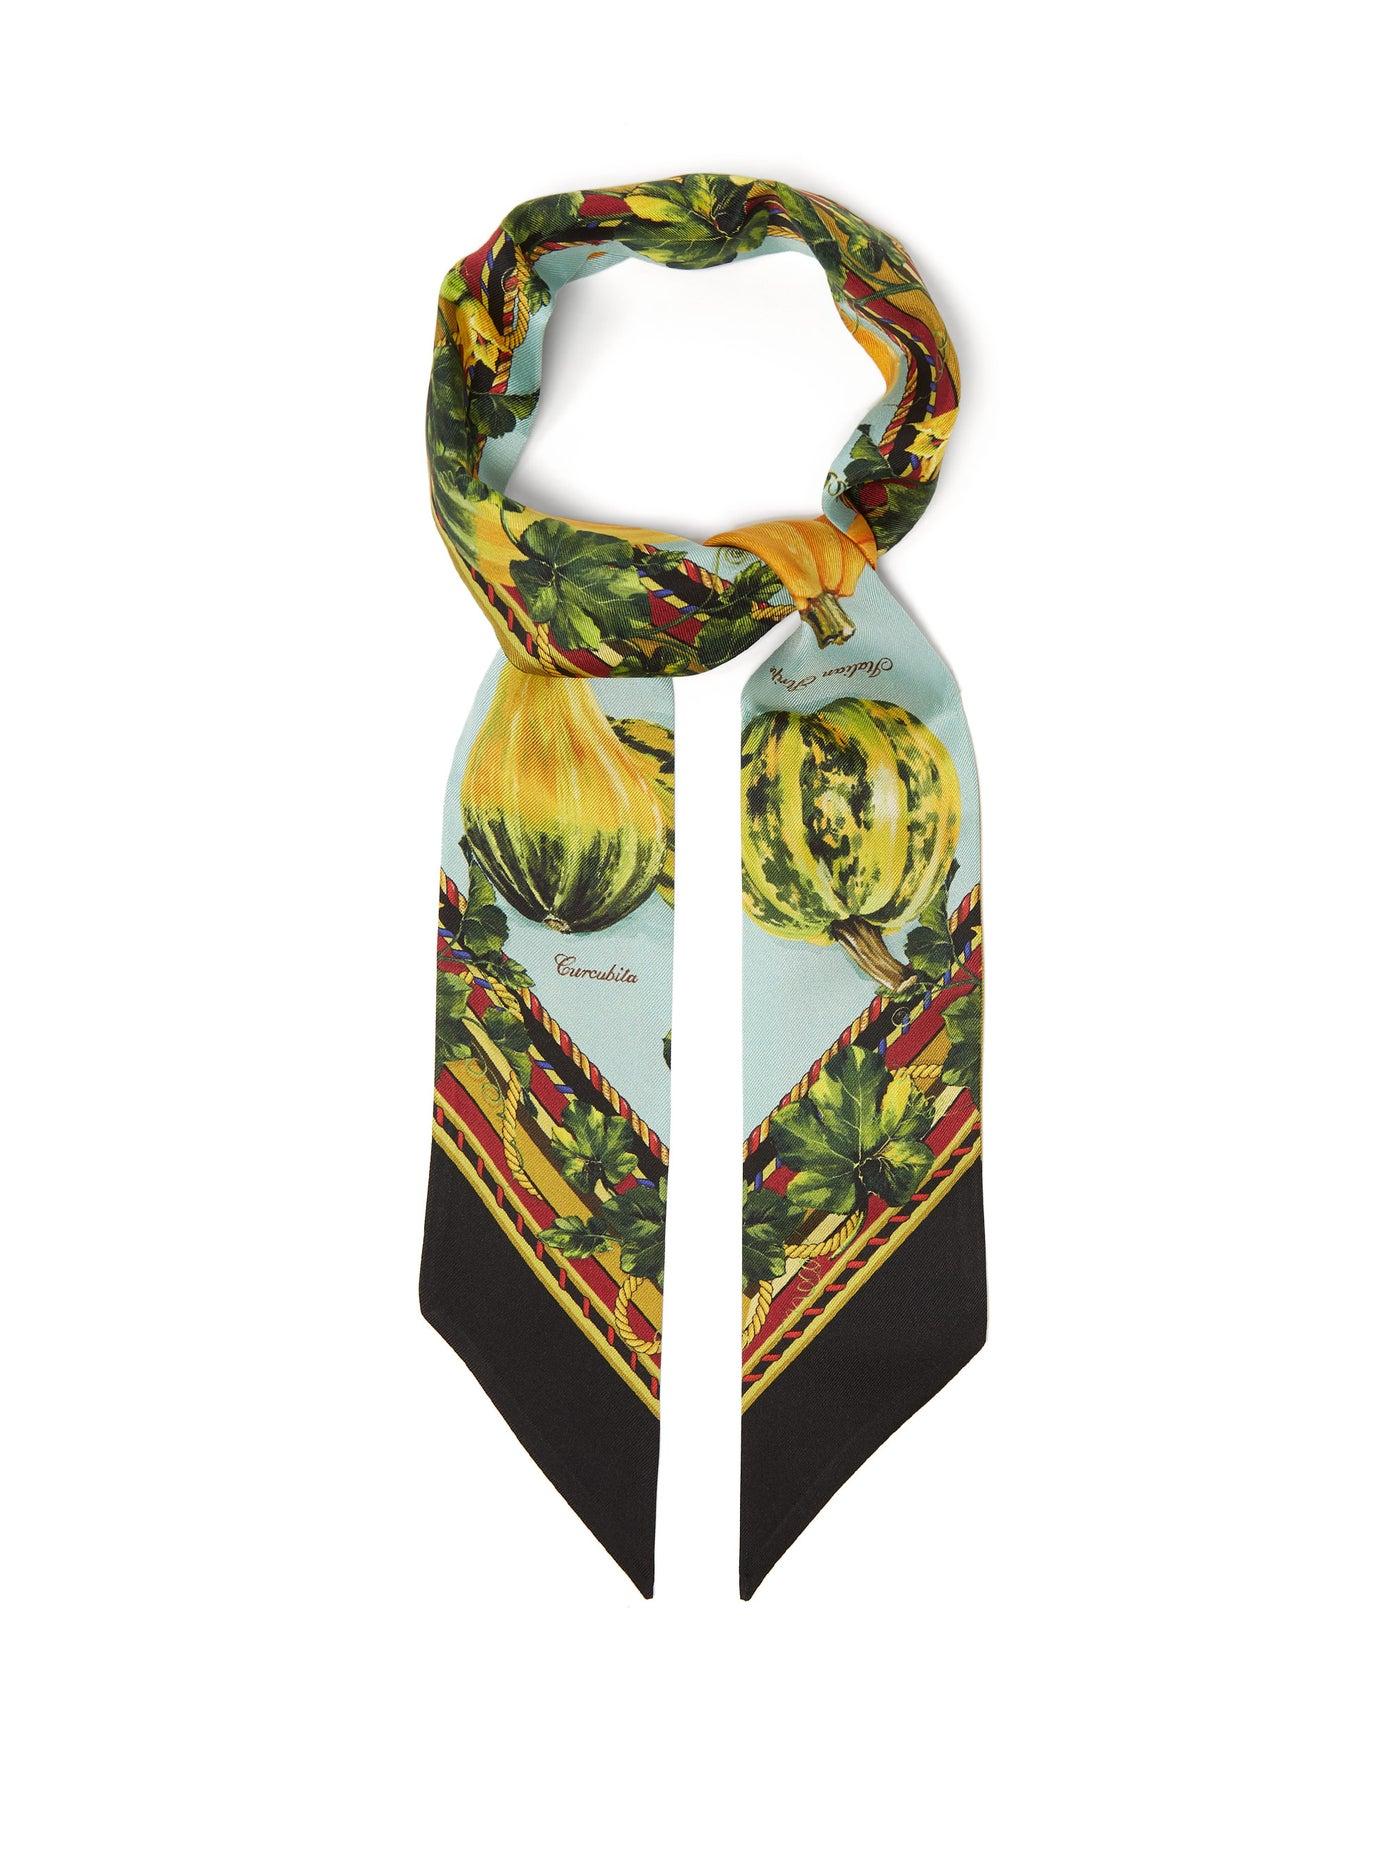 Dolce & Gabanna, Pumpkin-print silk-satin scarf, от 285лв на 170лв